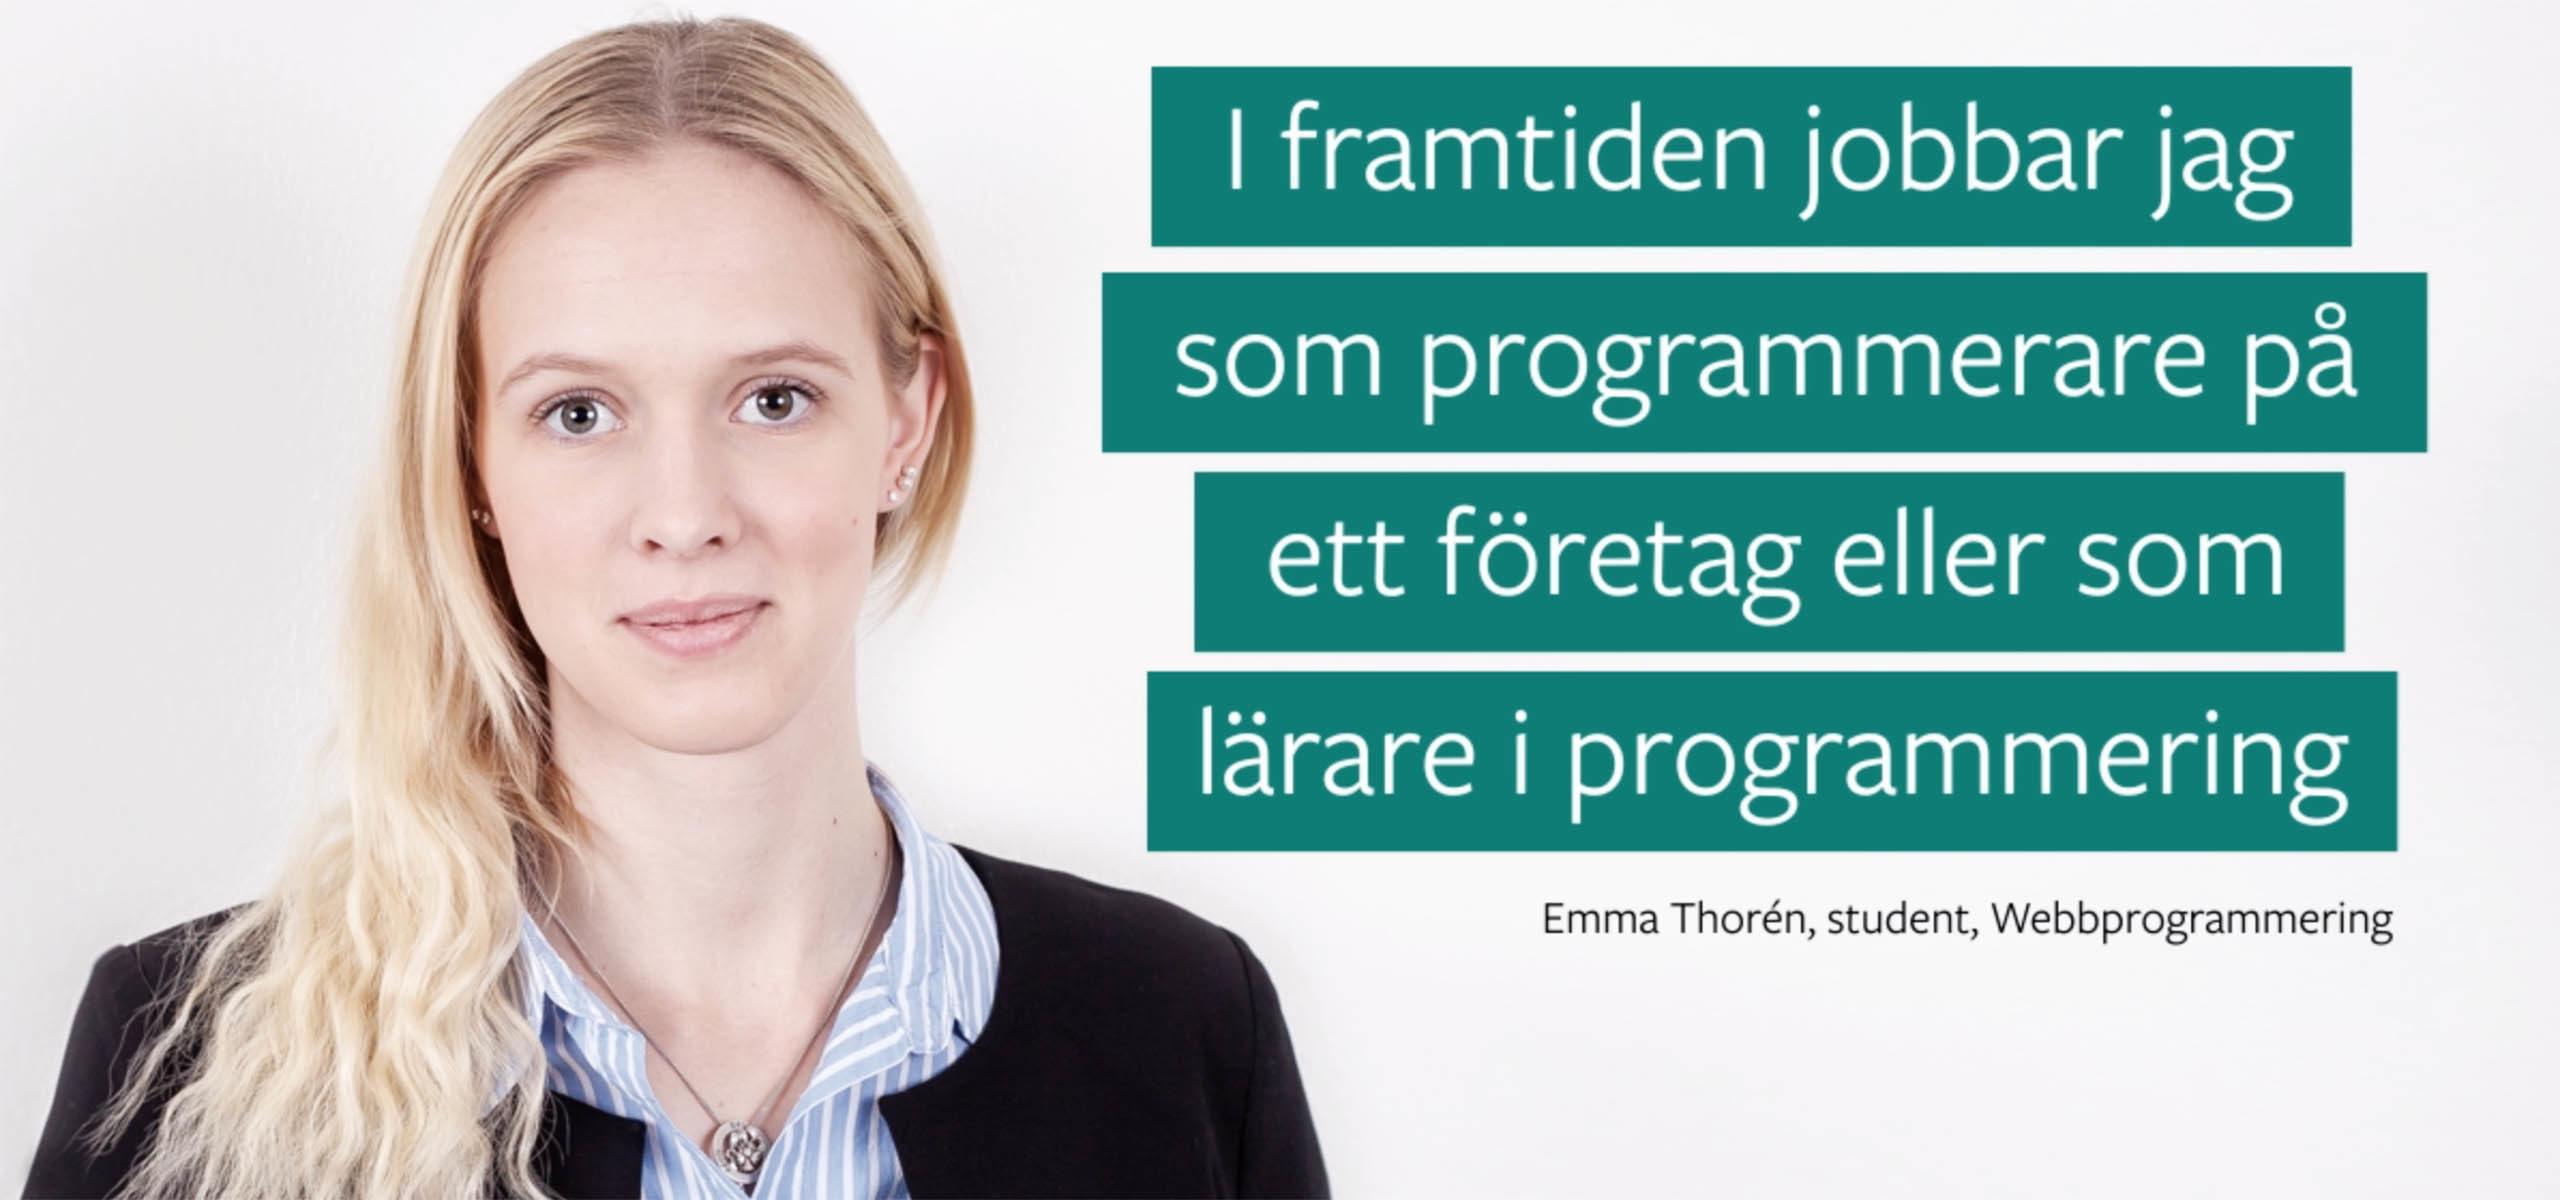 Emma webbprogrammering